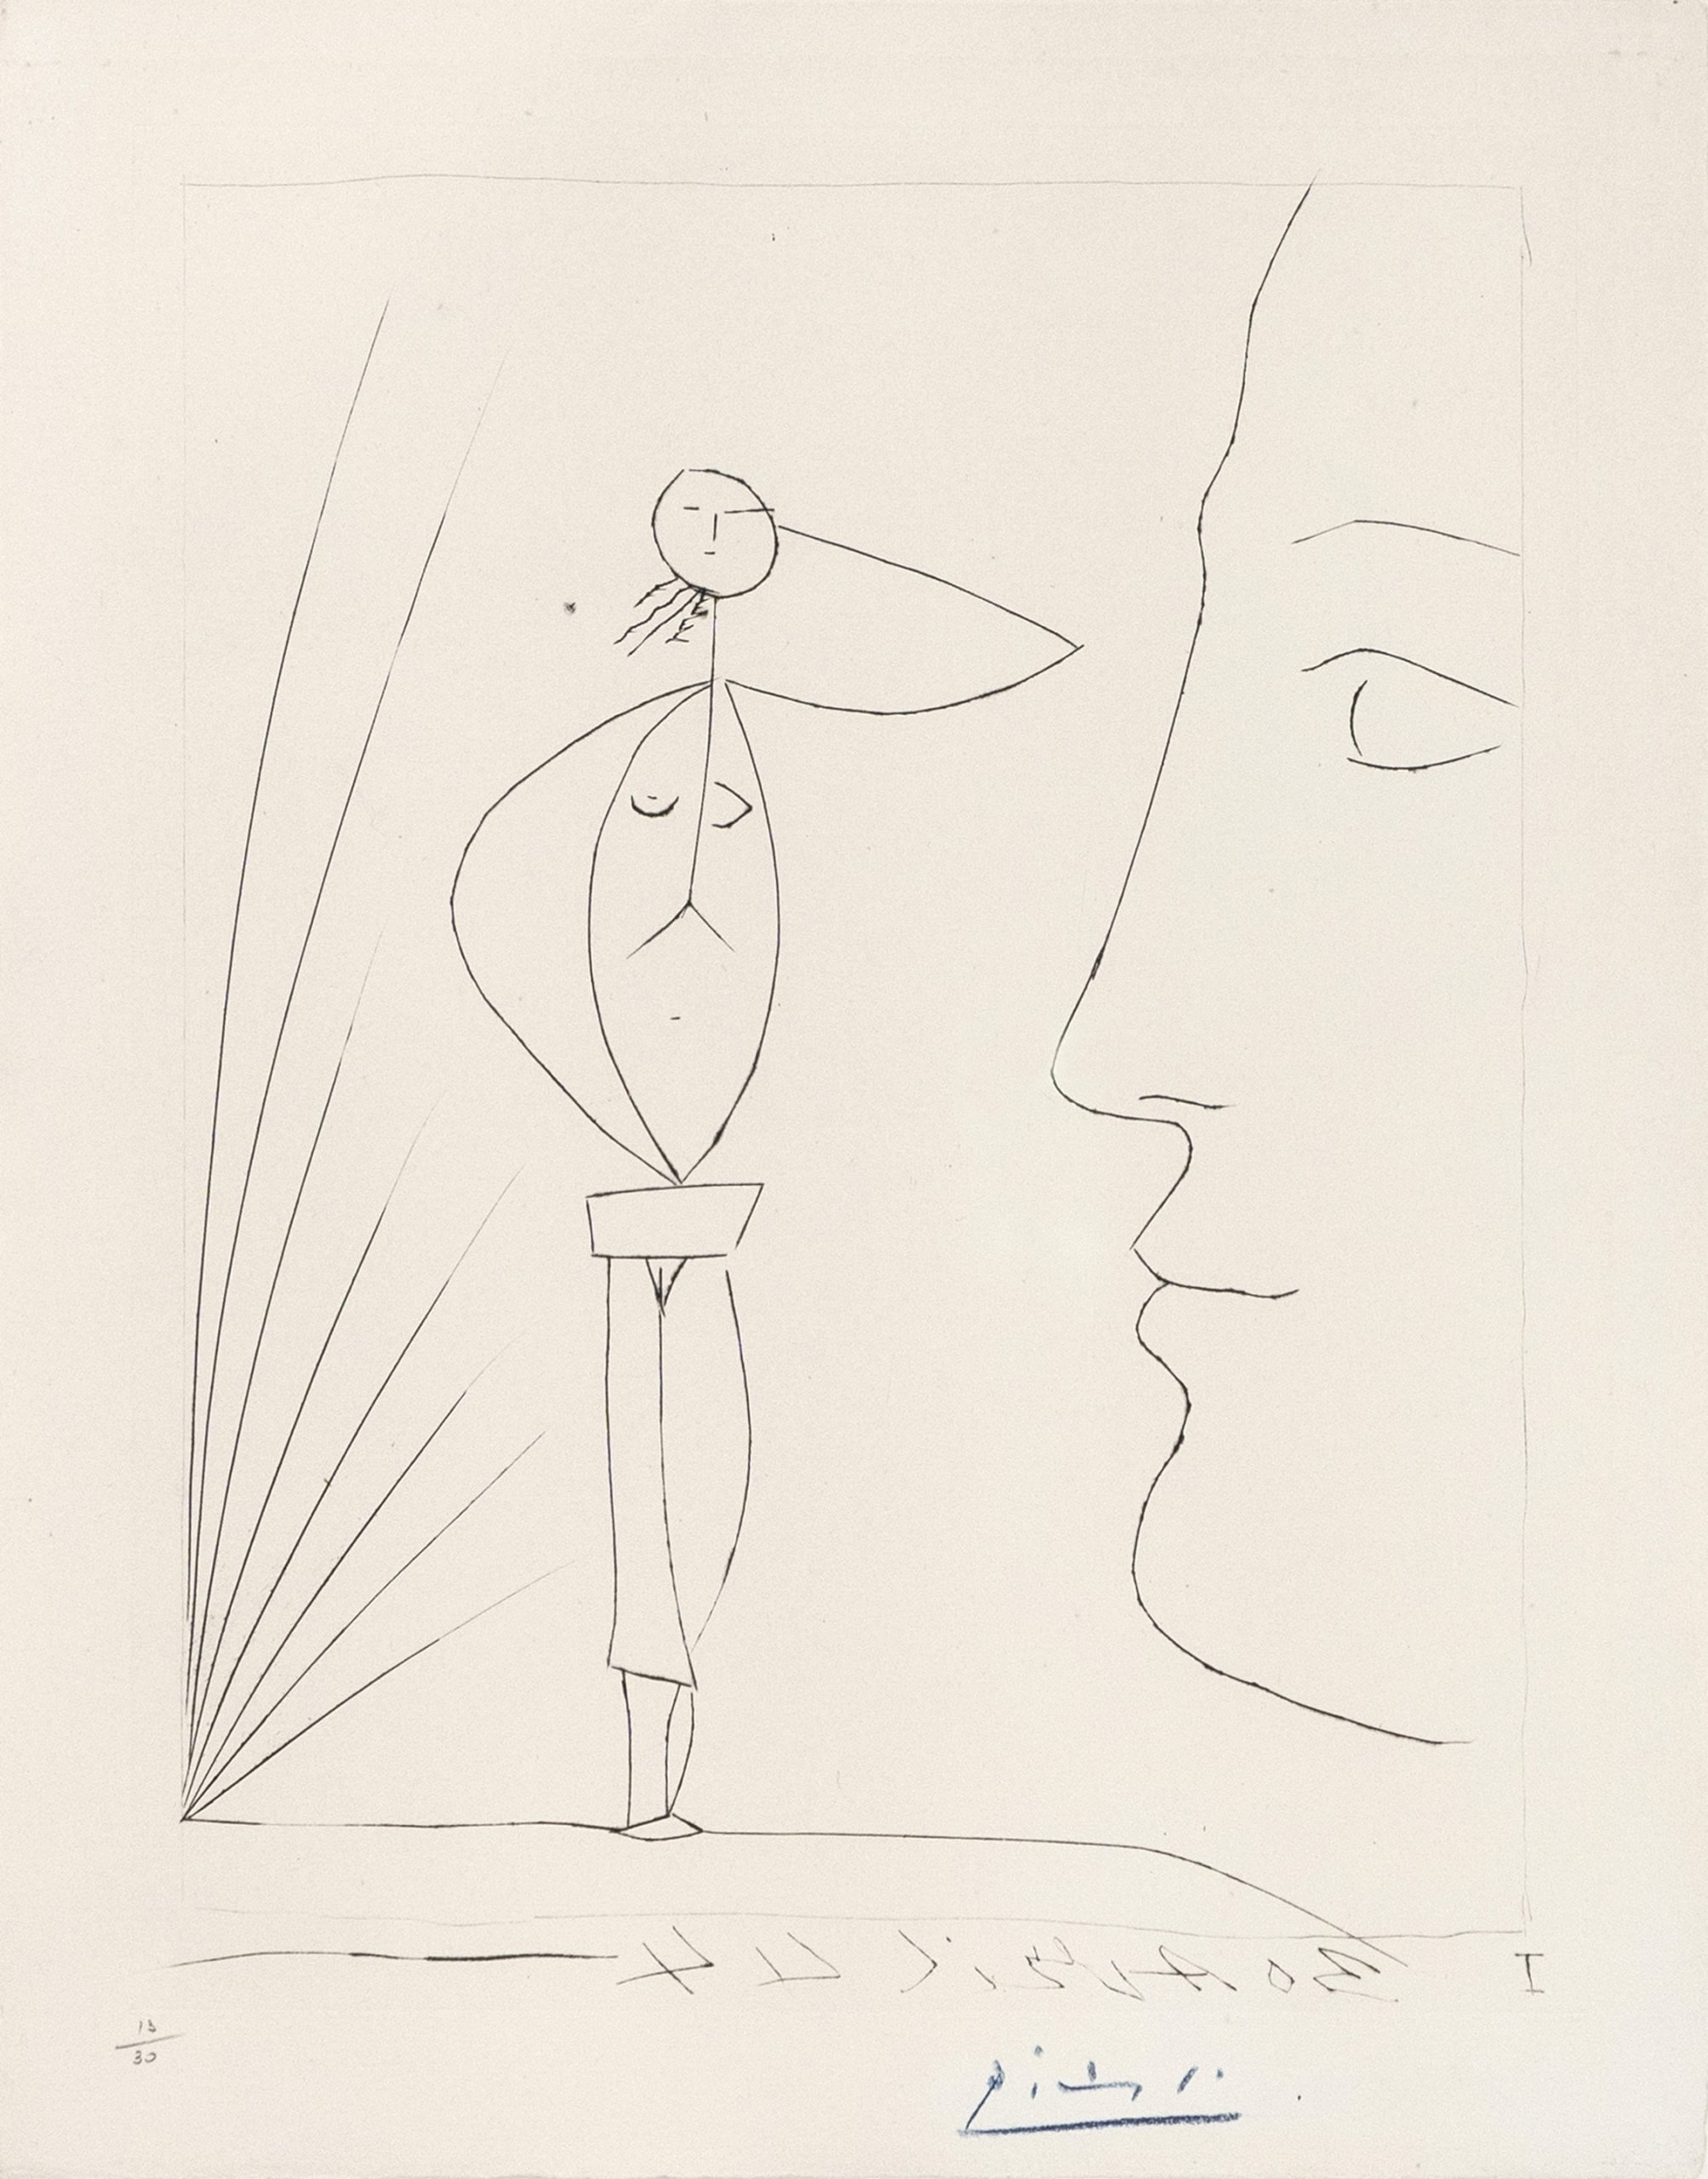 Untitled: Profil et Femme Nue